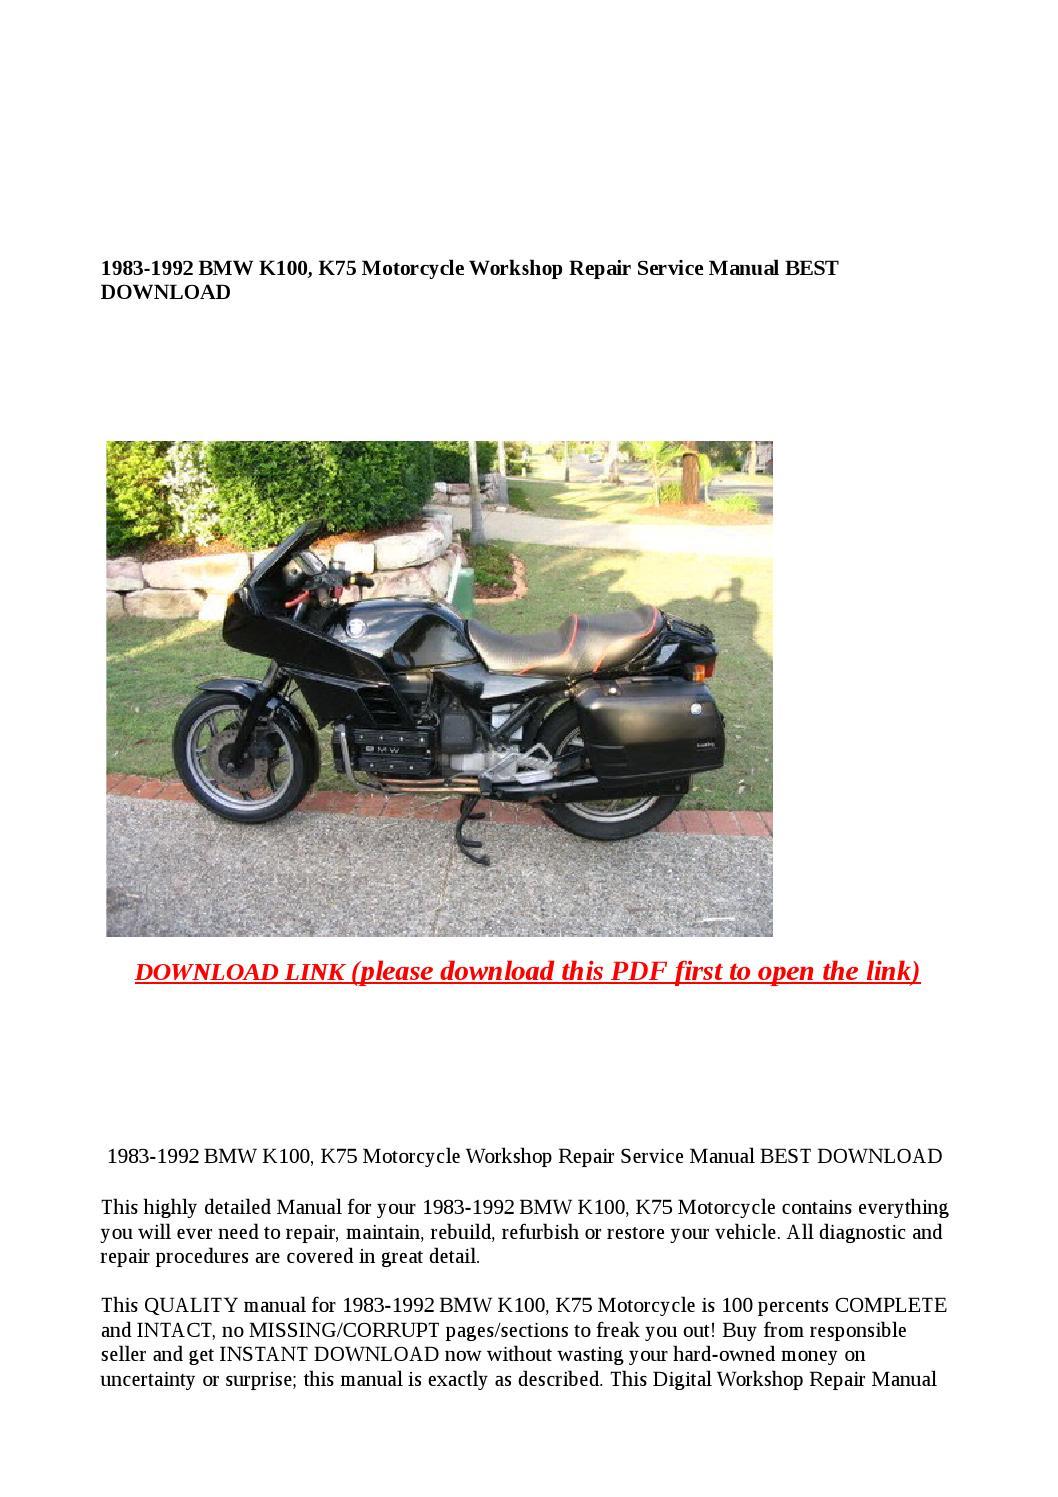 1983 1992 Bmw K100 K75 Motorcycle Workshop Repair Service border=